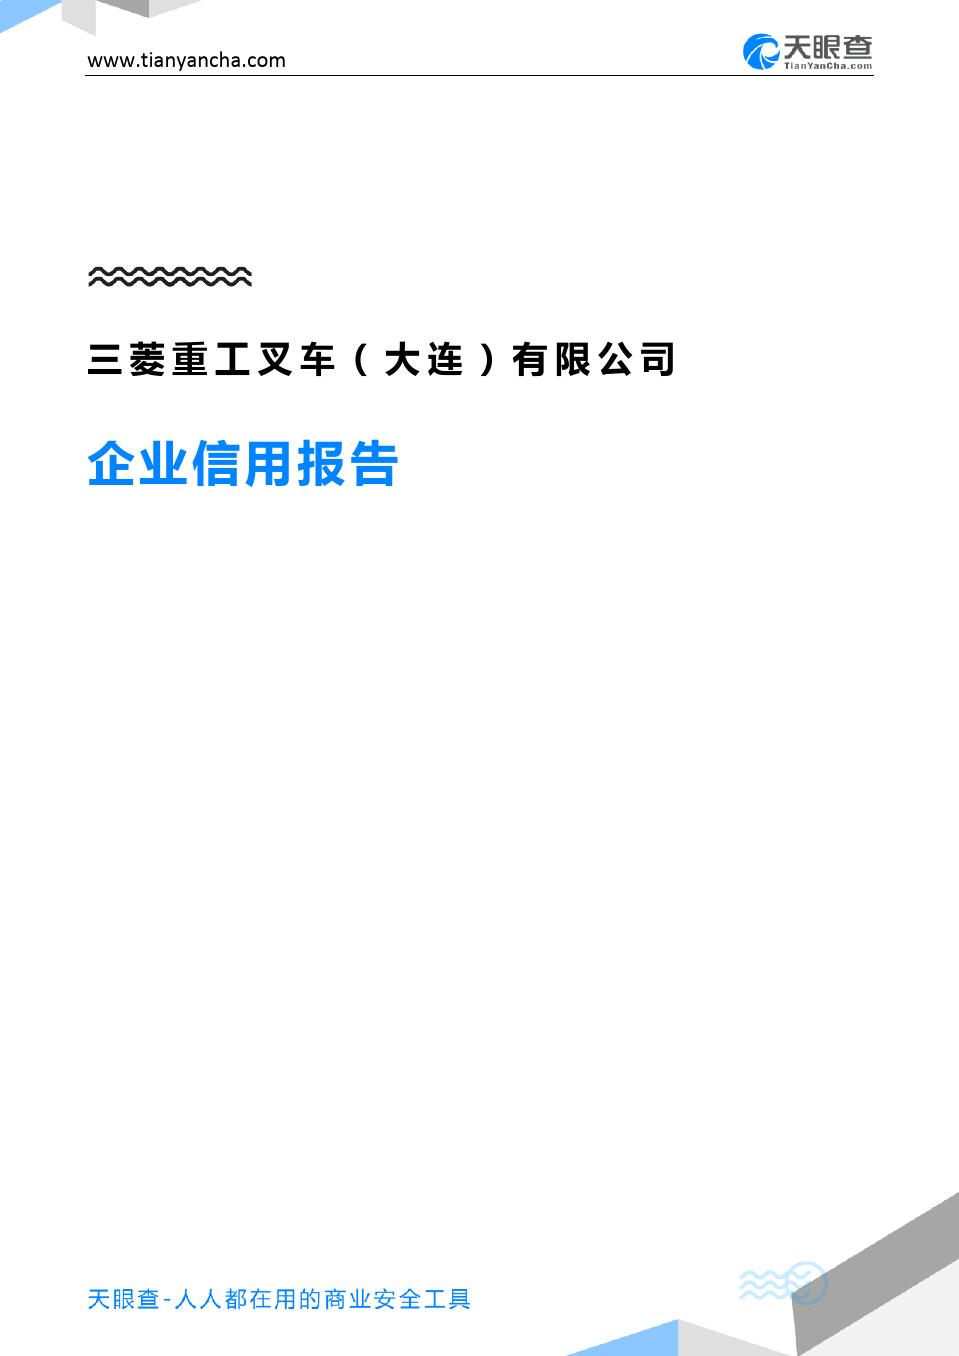 三菱重工叉车(大连)有限公司(企业信用报告)- 天眼查